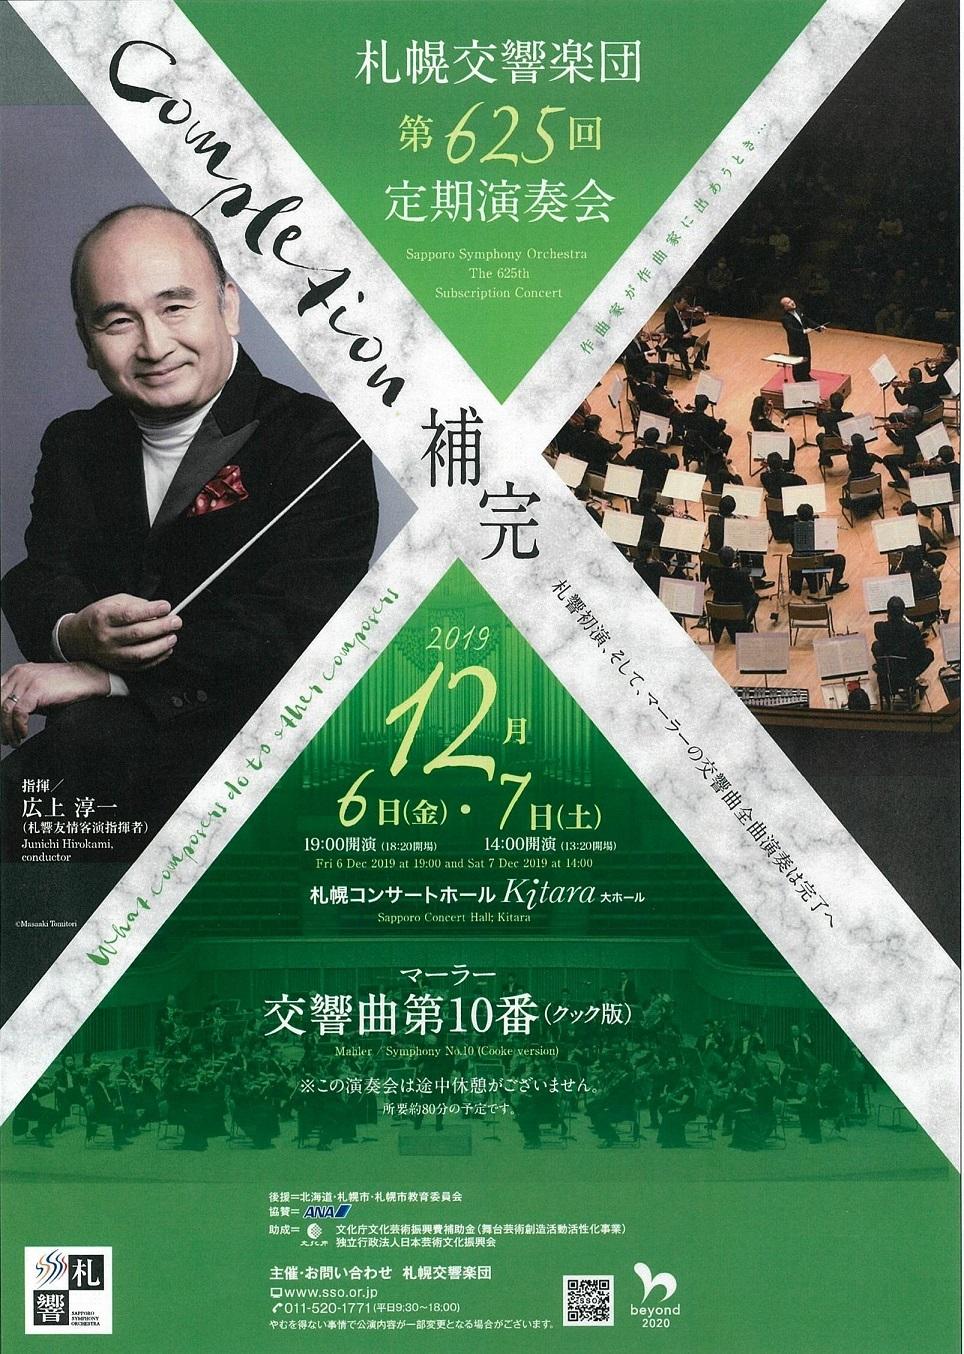 12月6日・7日 札響定期演奏会 当日券販売とロビーコンサート、退団者のお知らせ